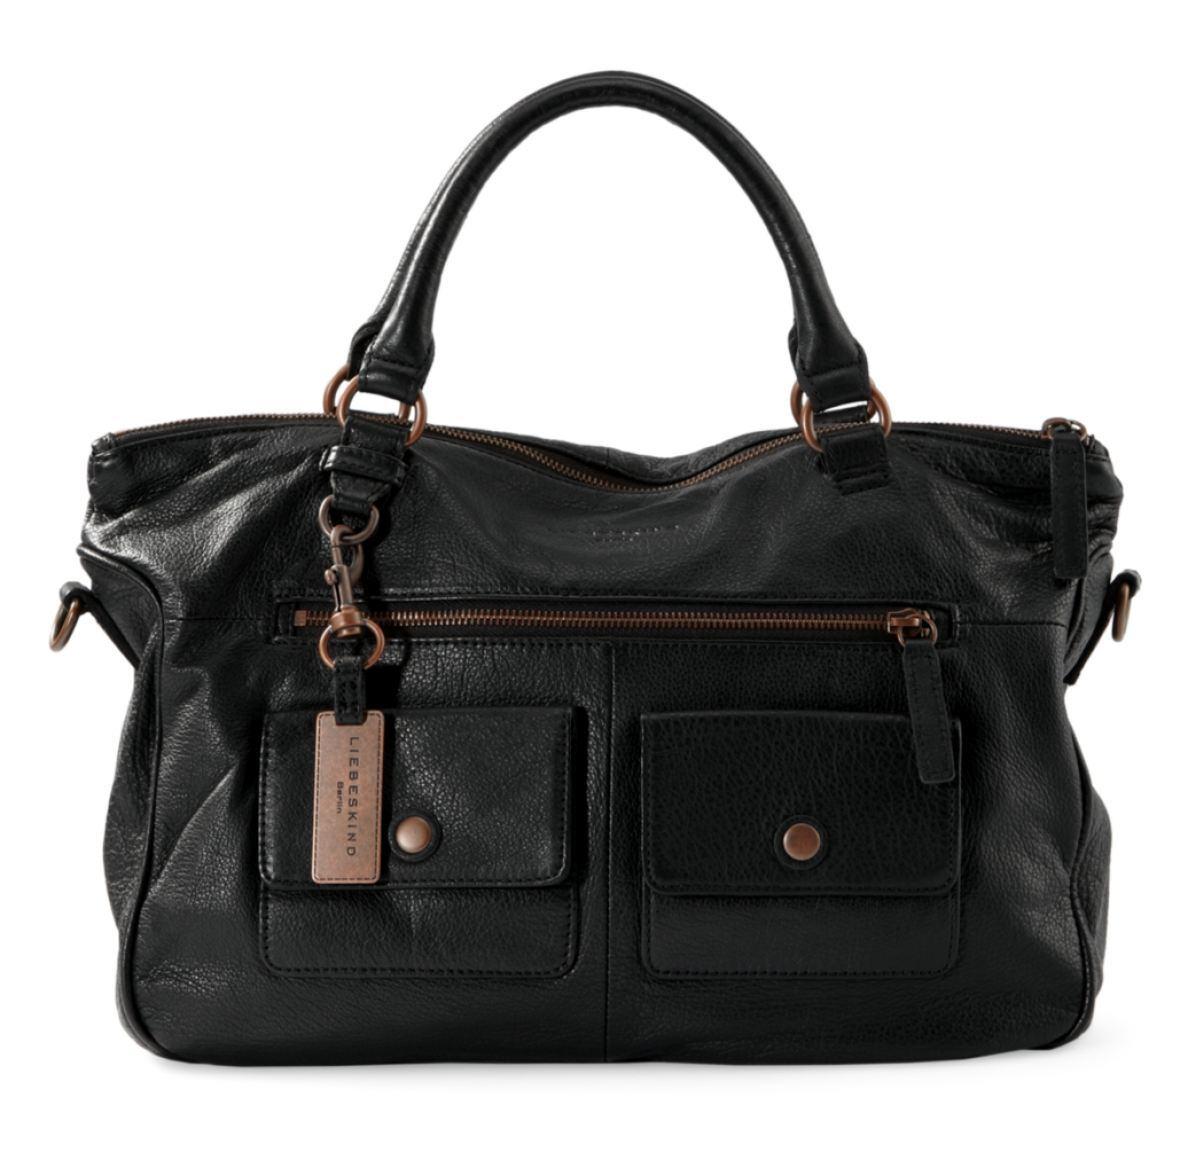 liebeskind estherpocket ledertasche schwarz bags more. Black Bedroom Furniture Sets. Home Design Ideas